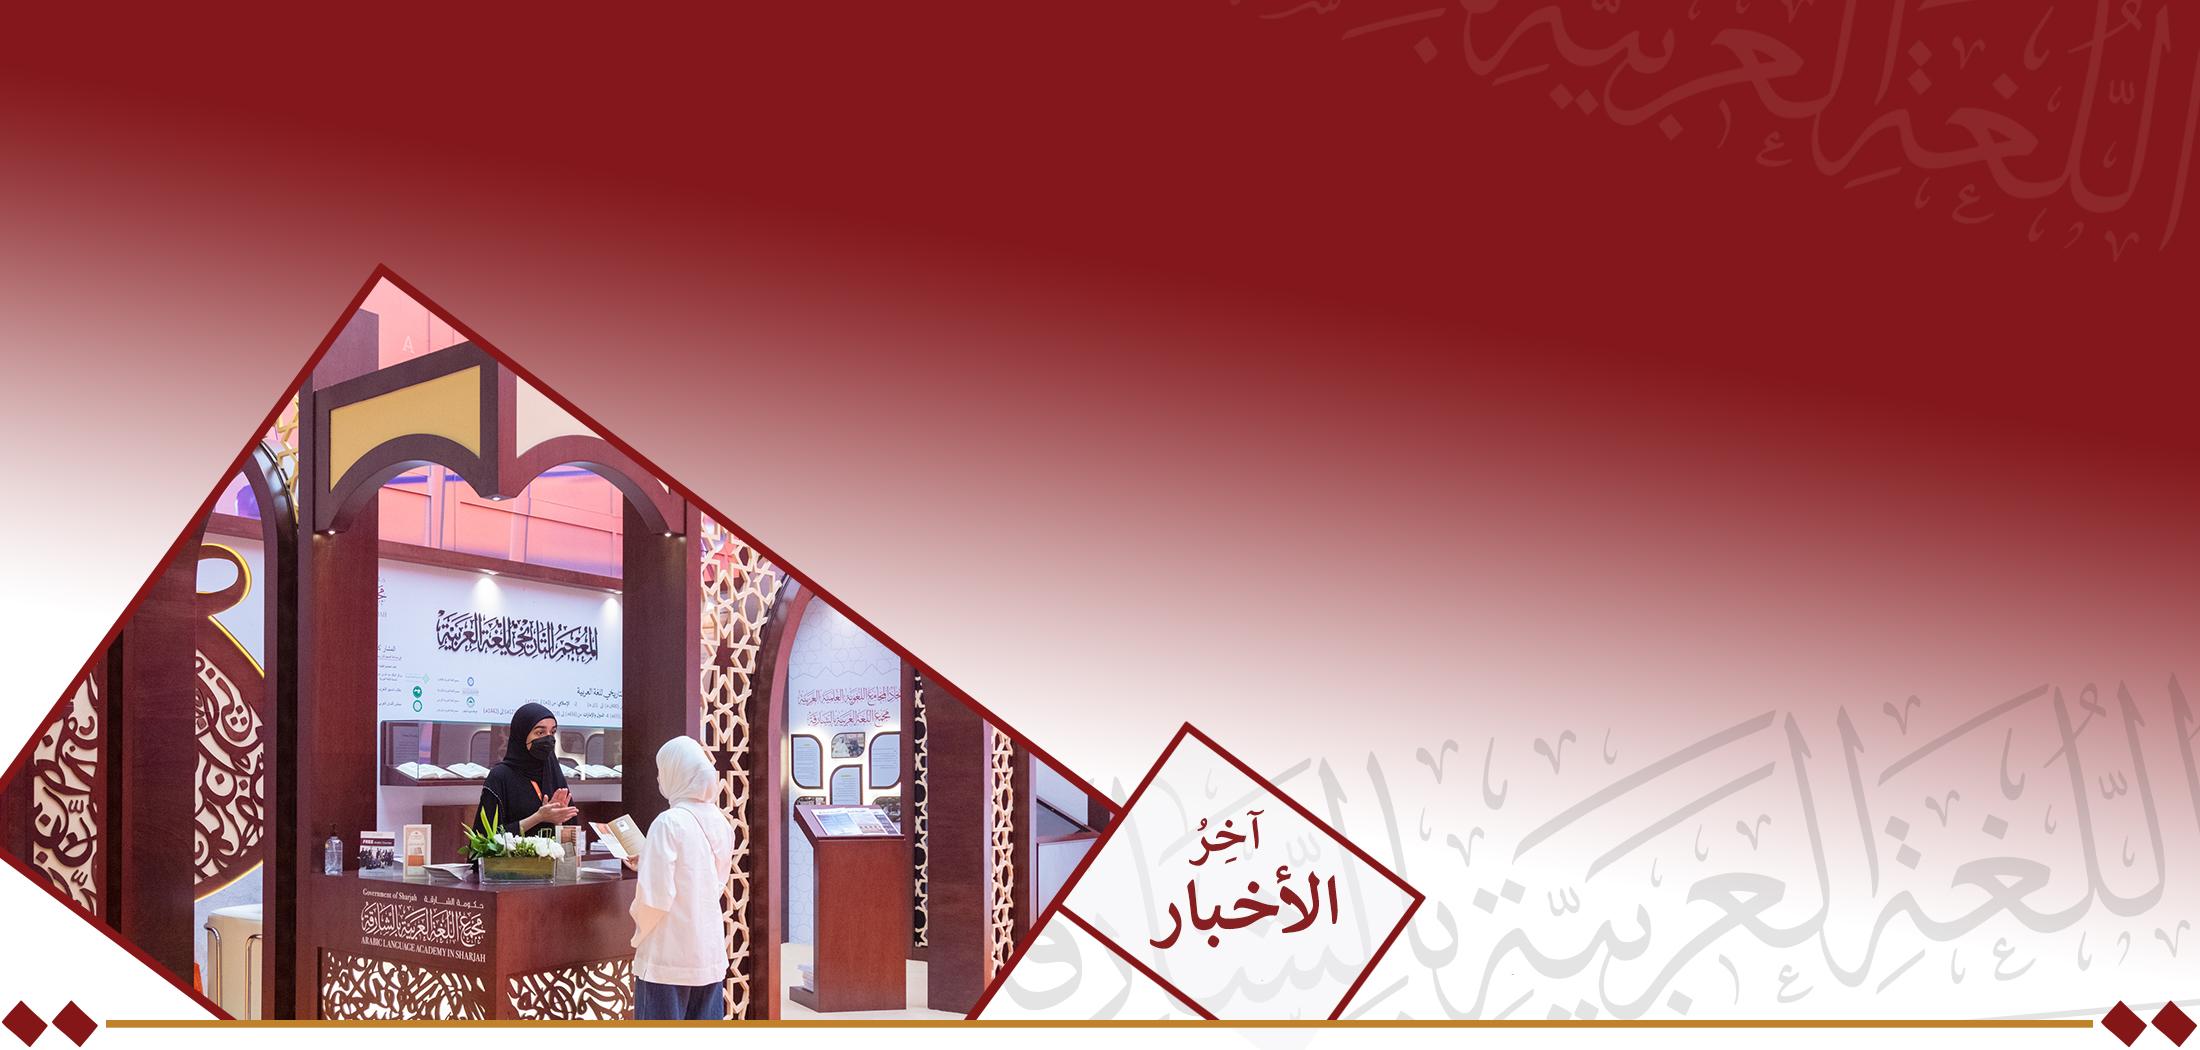 مجمع اللغة العربية بالشارقة يشارك زوار الشارقة الدولي للكتاب الاحتفاء بلغة الضاد-أخبار